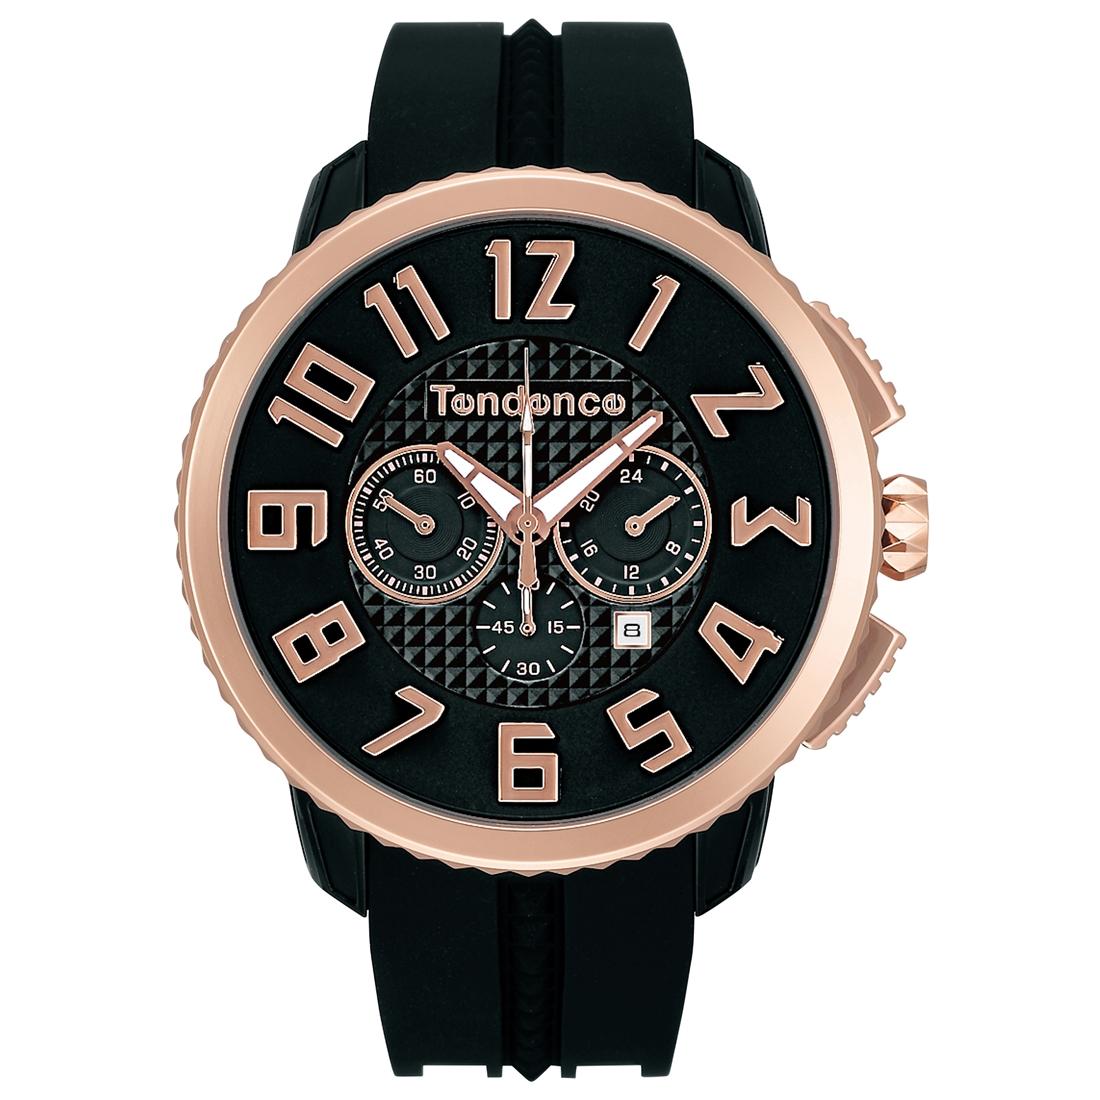 【今ならオーバーサイズノートプレゼント】 テンデンス Tendence TY460013 ガリバー 47 クロノグラフ 正規品 腕時計